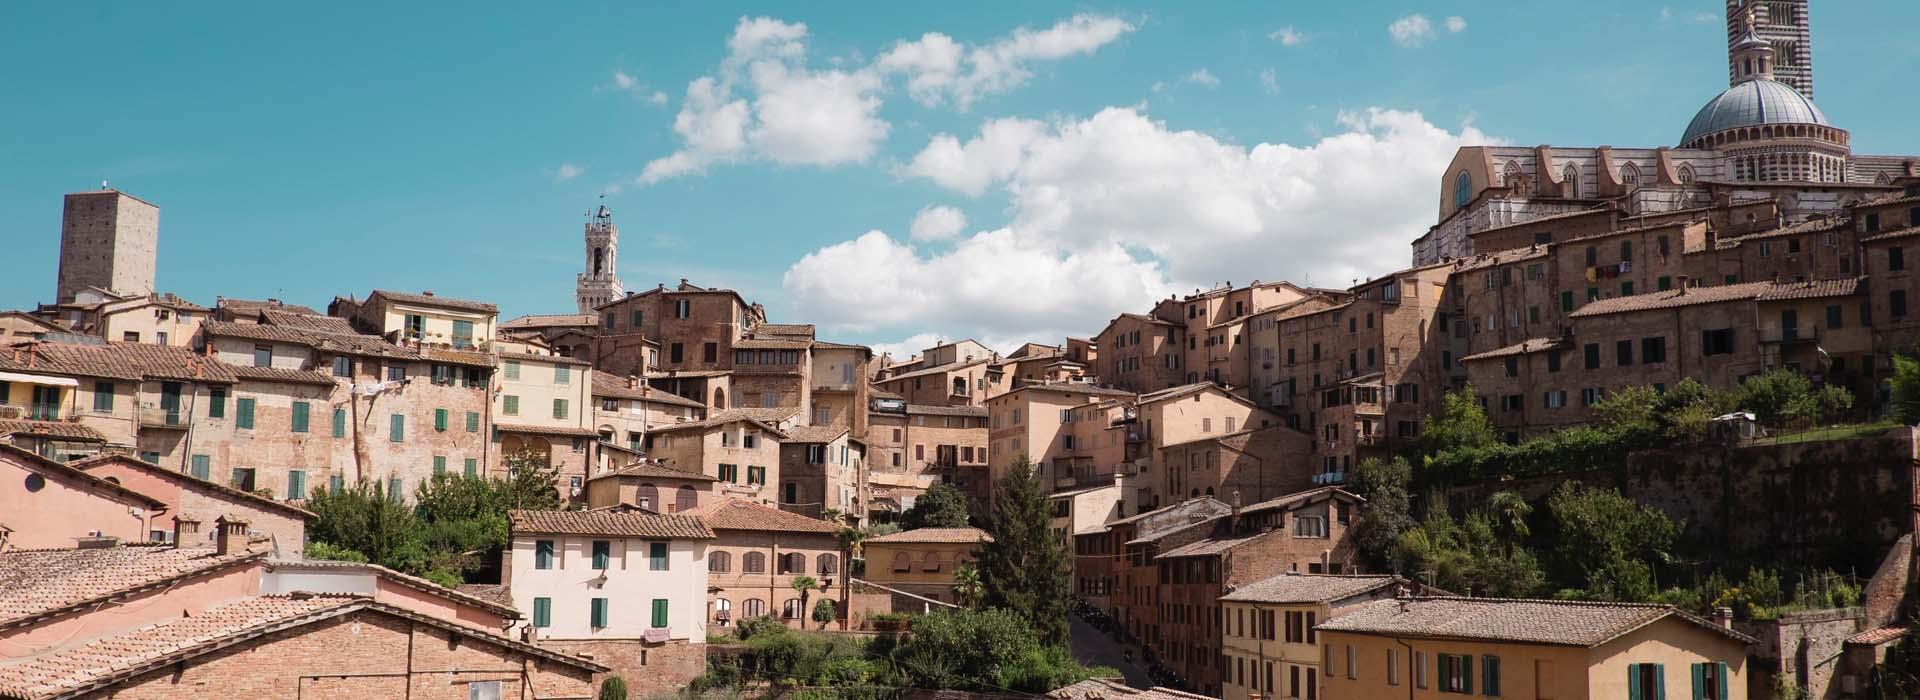 La tua scuola di danza nel centro storico di Siena